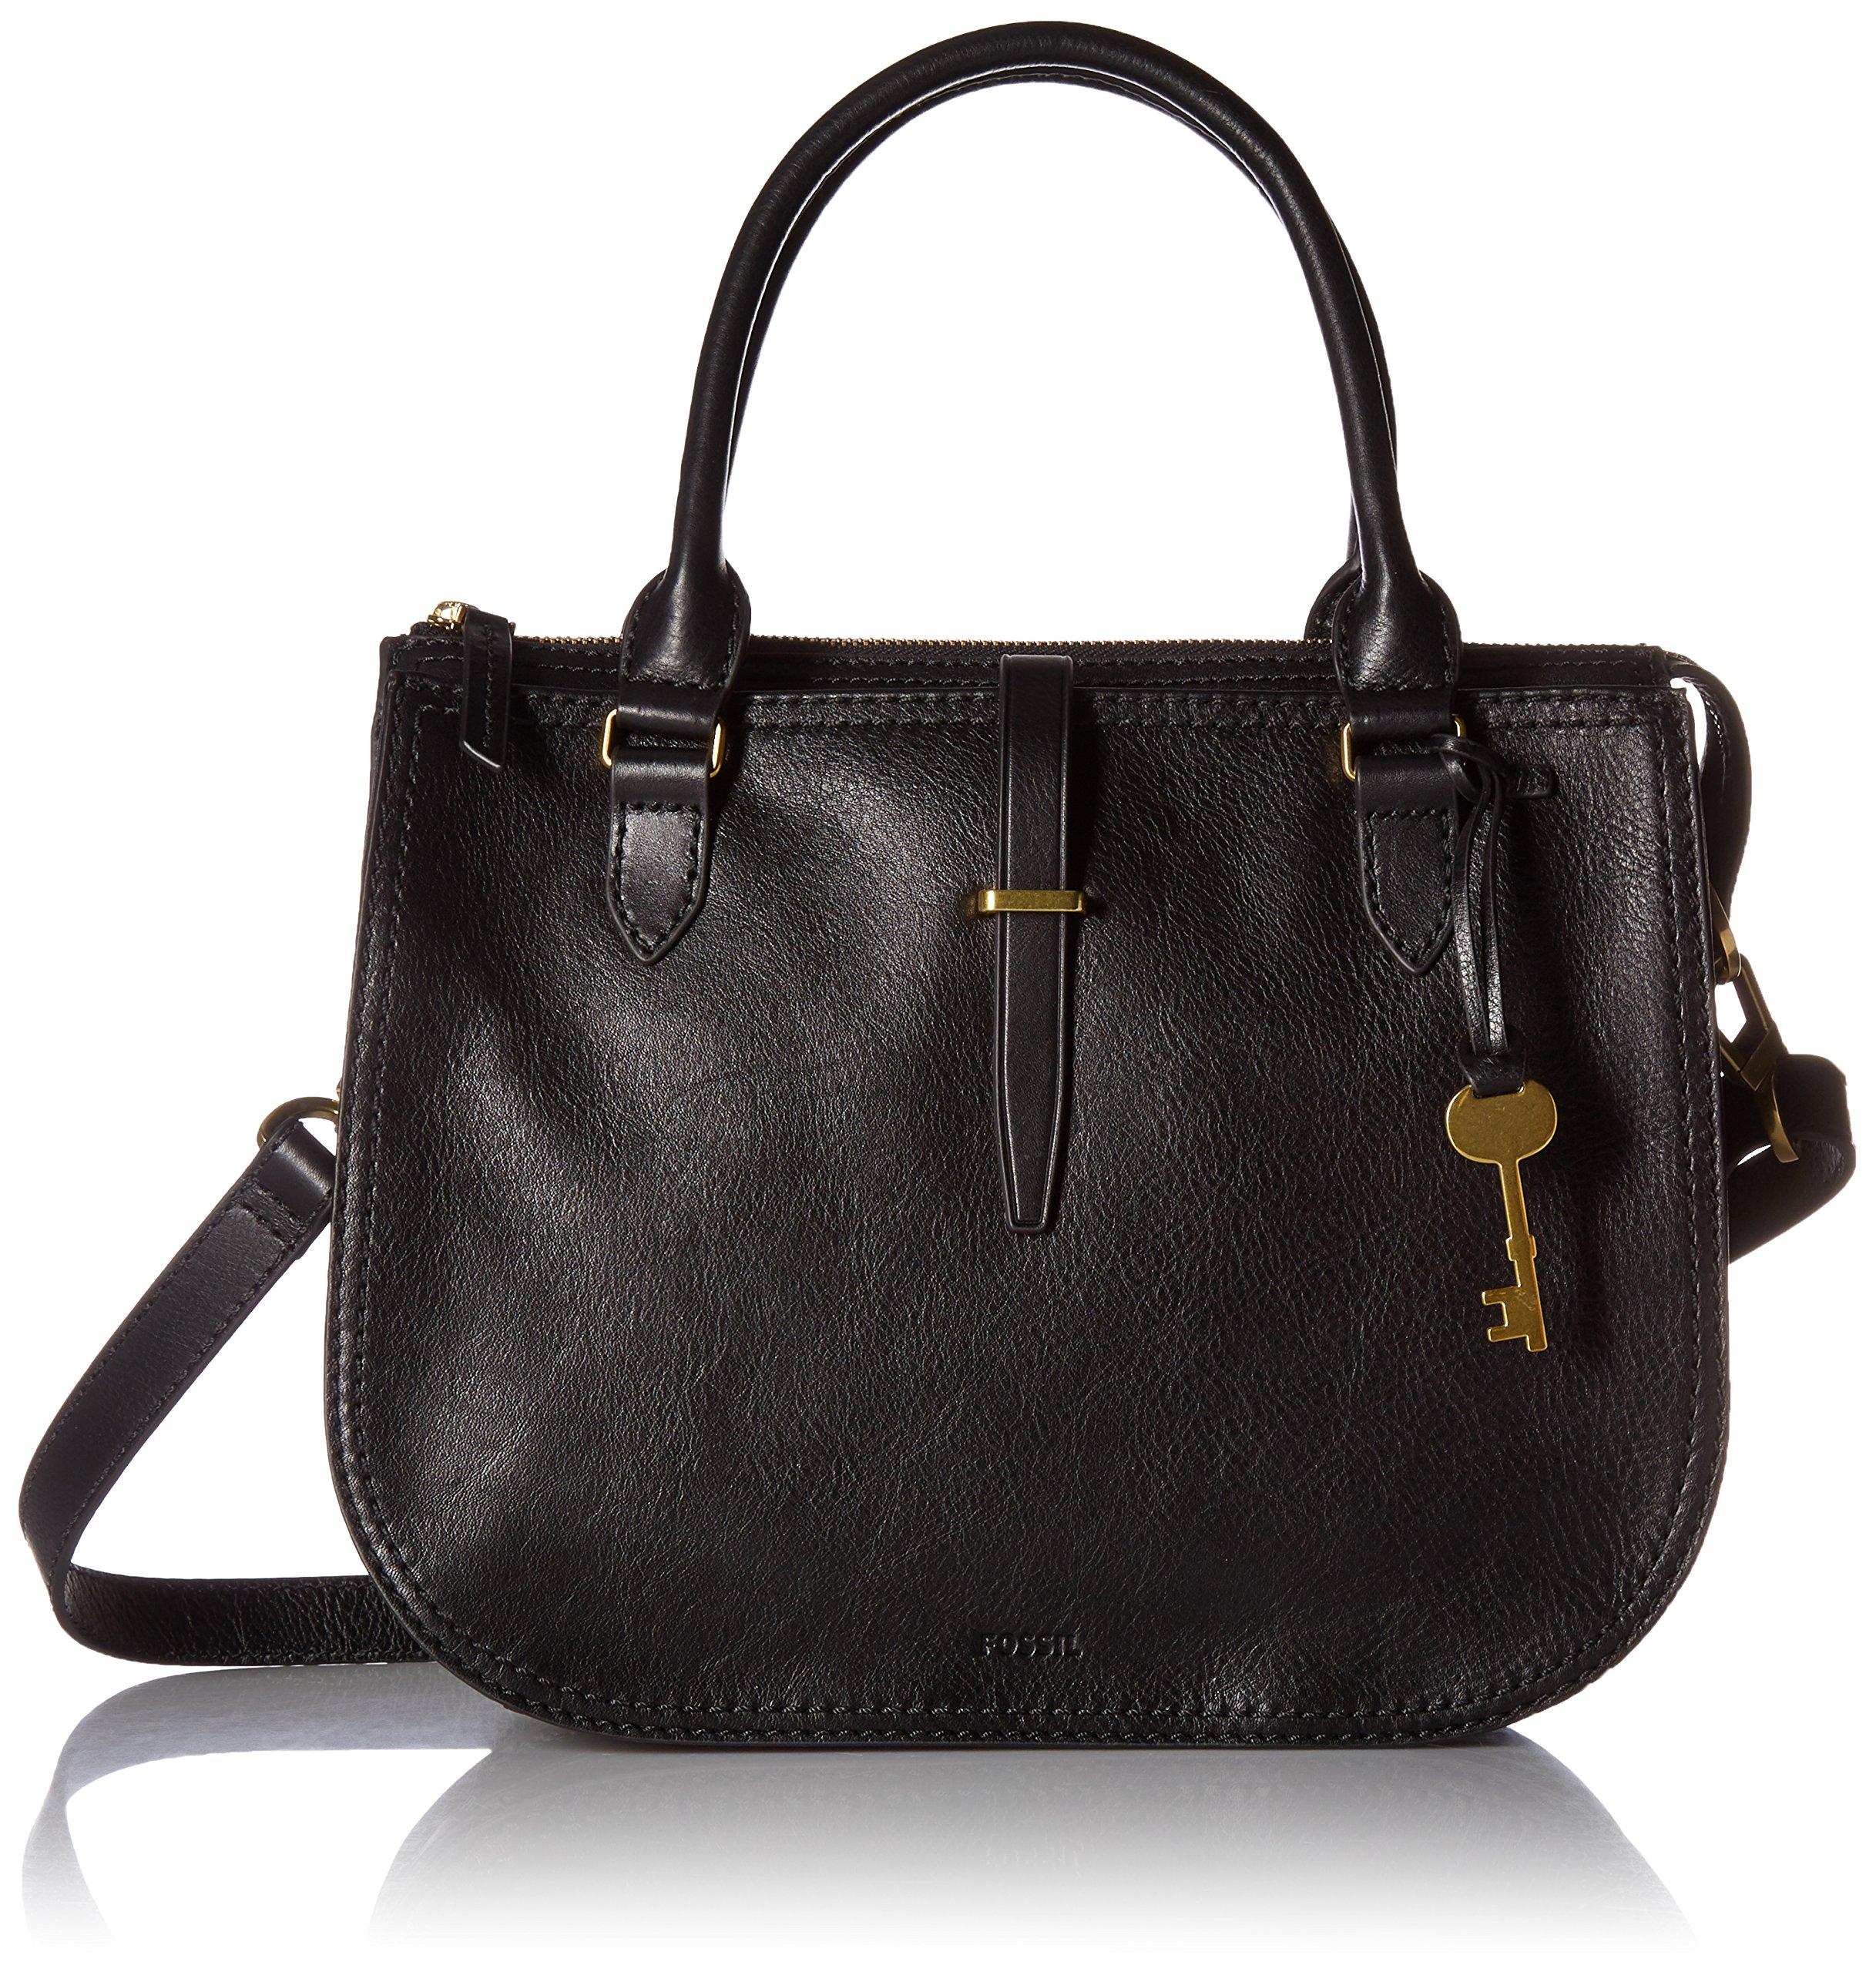 Fossil Ryder Satchel Handbag, Black